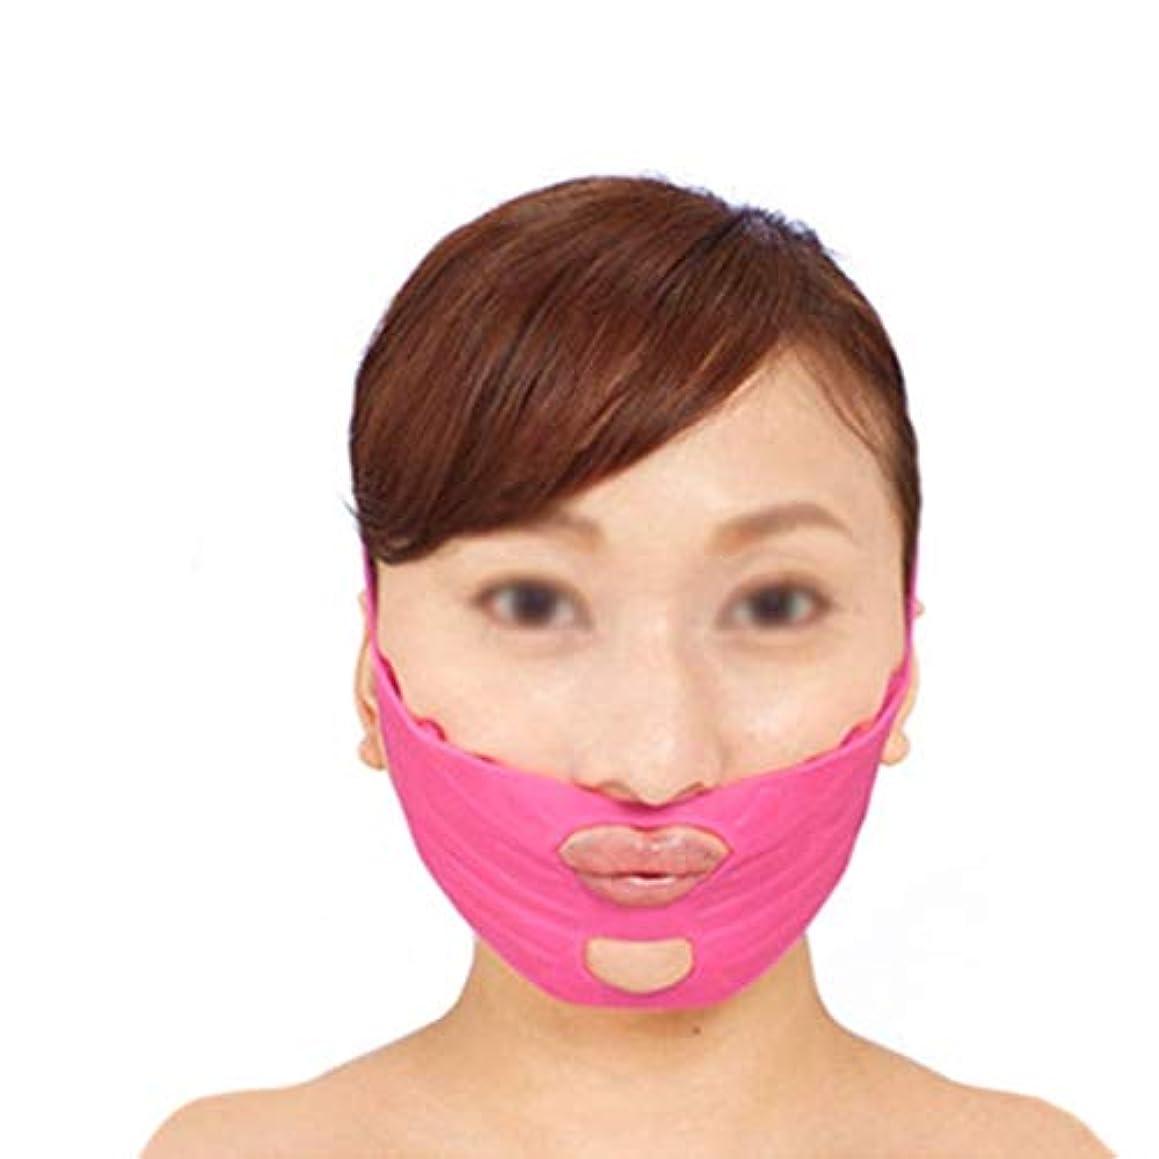 フランクワースリーカウンタ少なくともフェイスストラップ付きマスク、プルアップフェイスマスク、フェイスリフティングマスク、フェイスタイトニングバンデージ、フェイシャルリフティングバンデージ、ダブルチンを減らすためのリフティングフェイスバンド(ピンク、ワンサイズ)